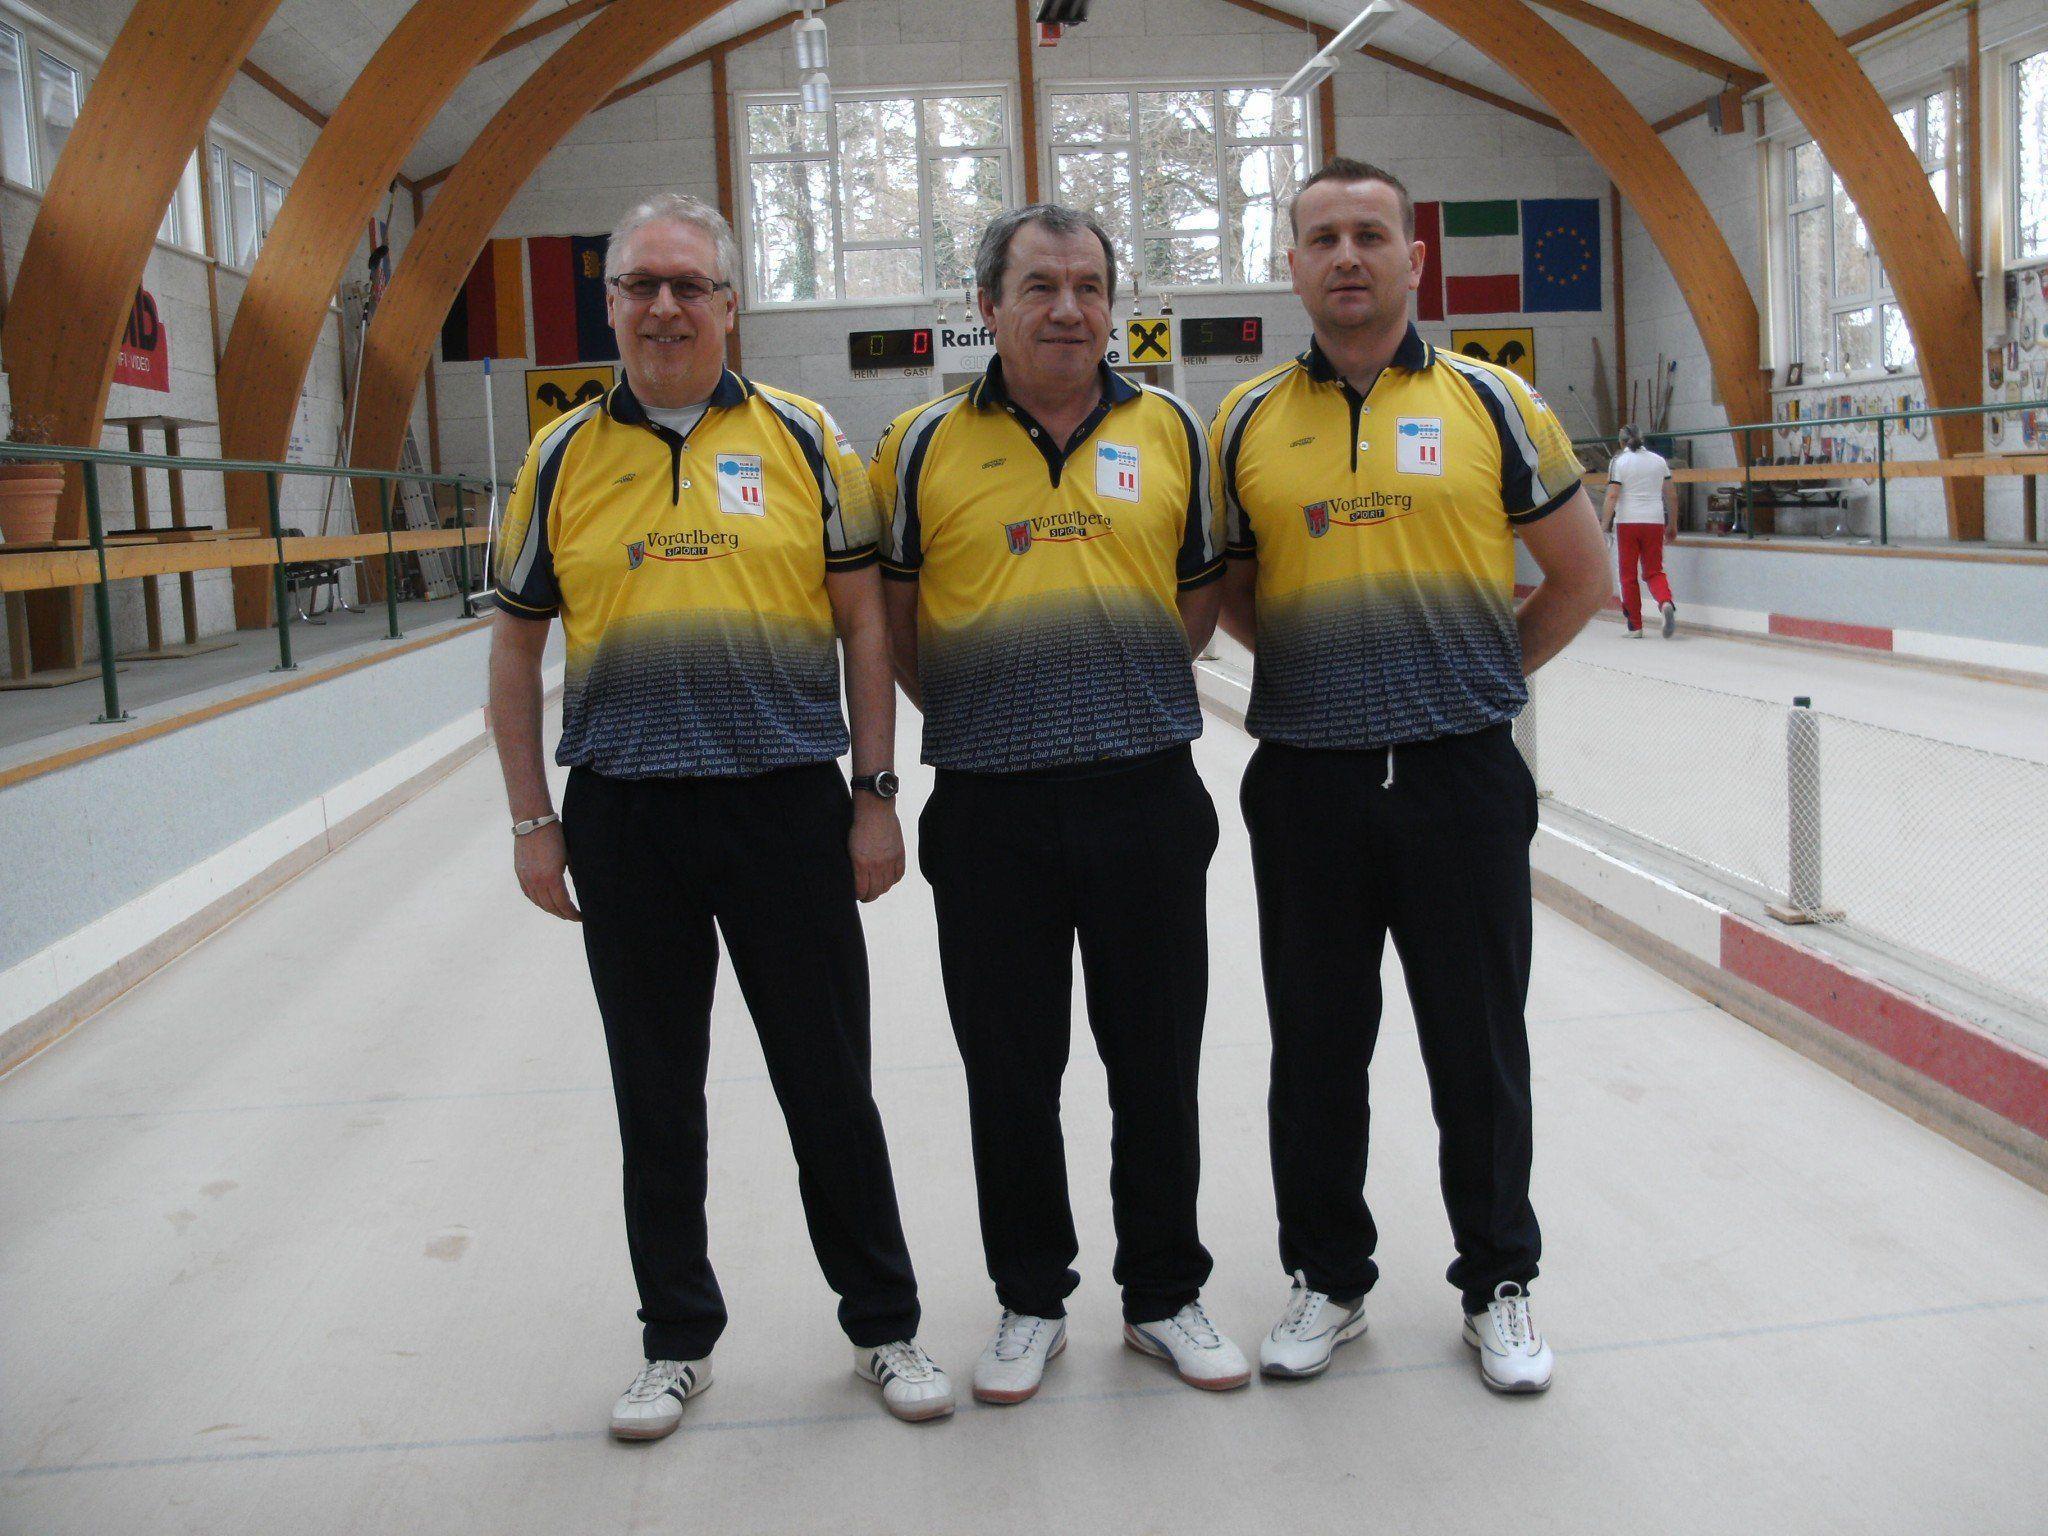 Landesmeister und Siegerteam Dieter ILL, Mate Kovacevic, Sinisa Stefanac